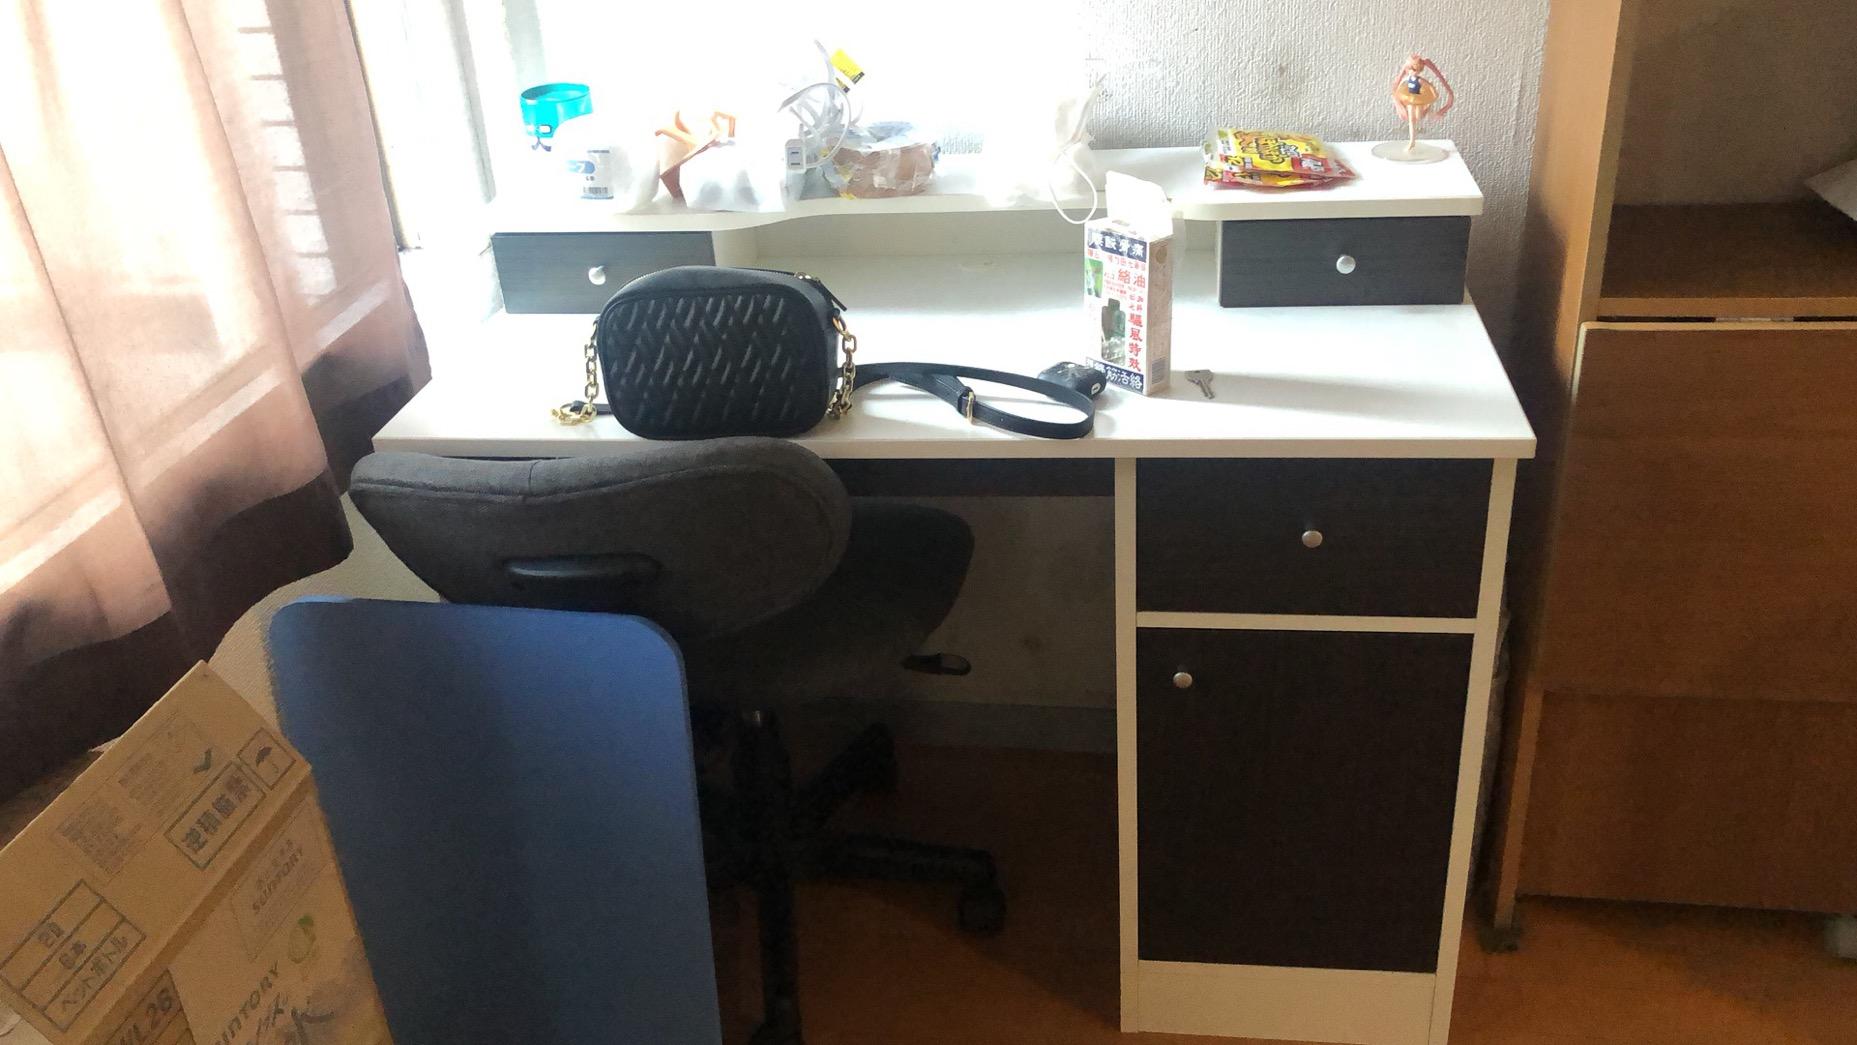 出售冰箱.洗衣机.微波炉.电脑桌.全身镜等..可包送